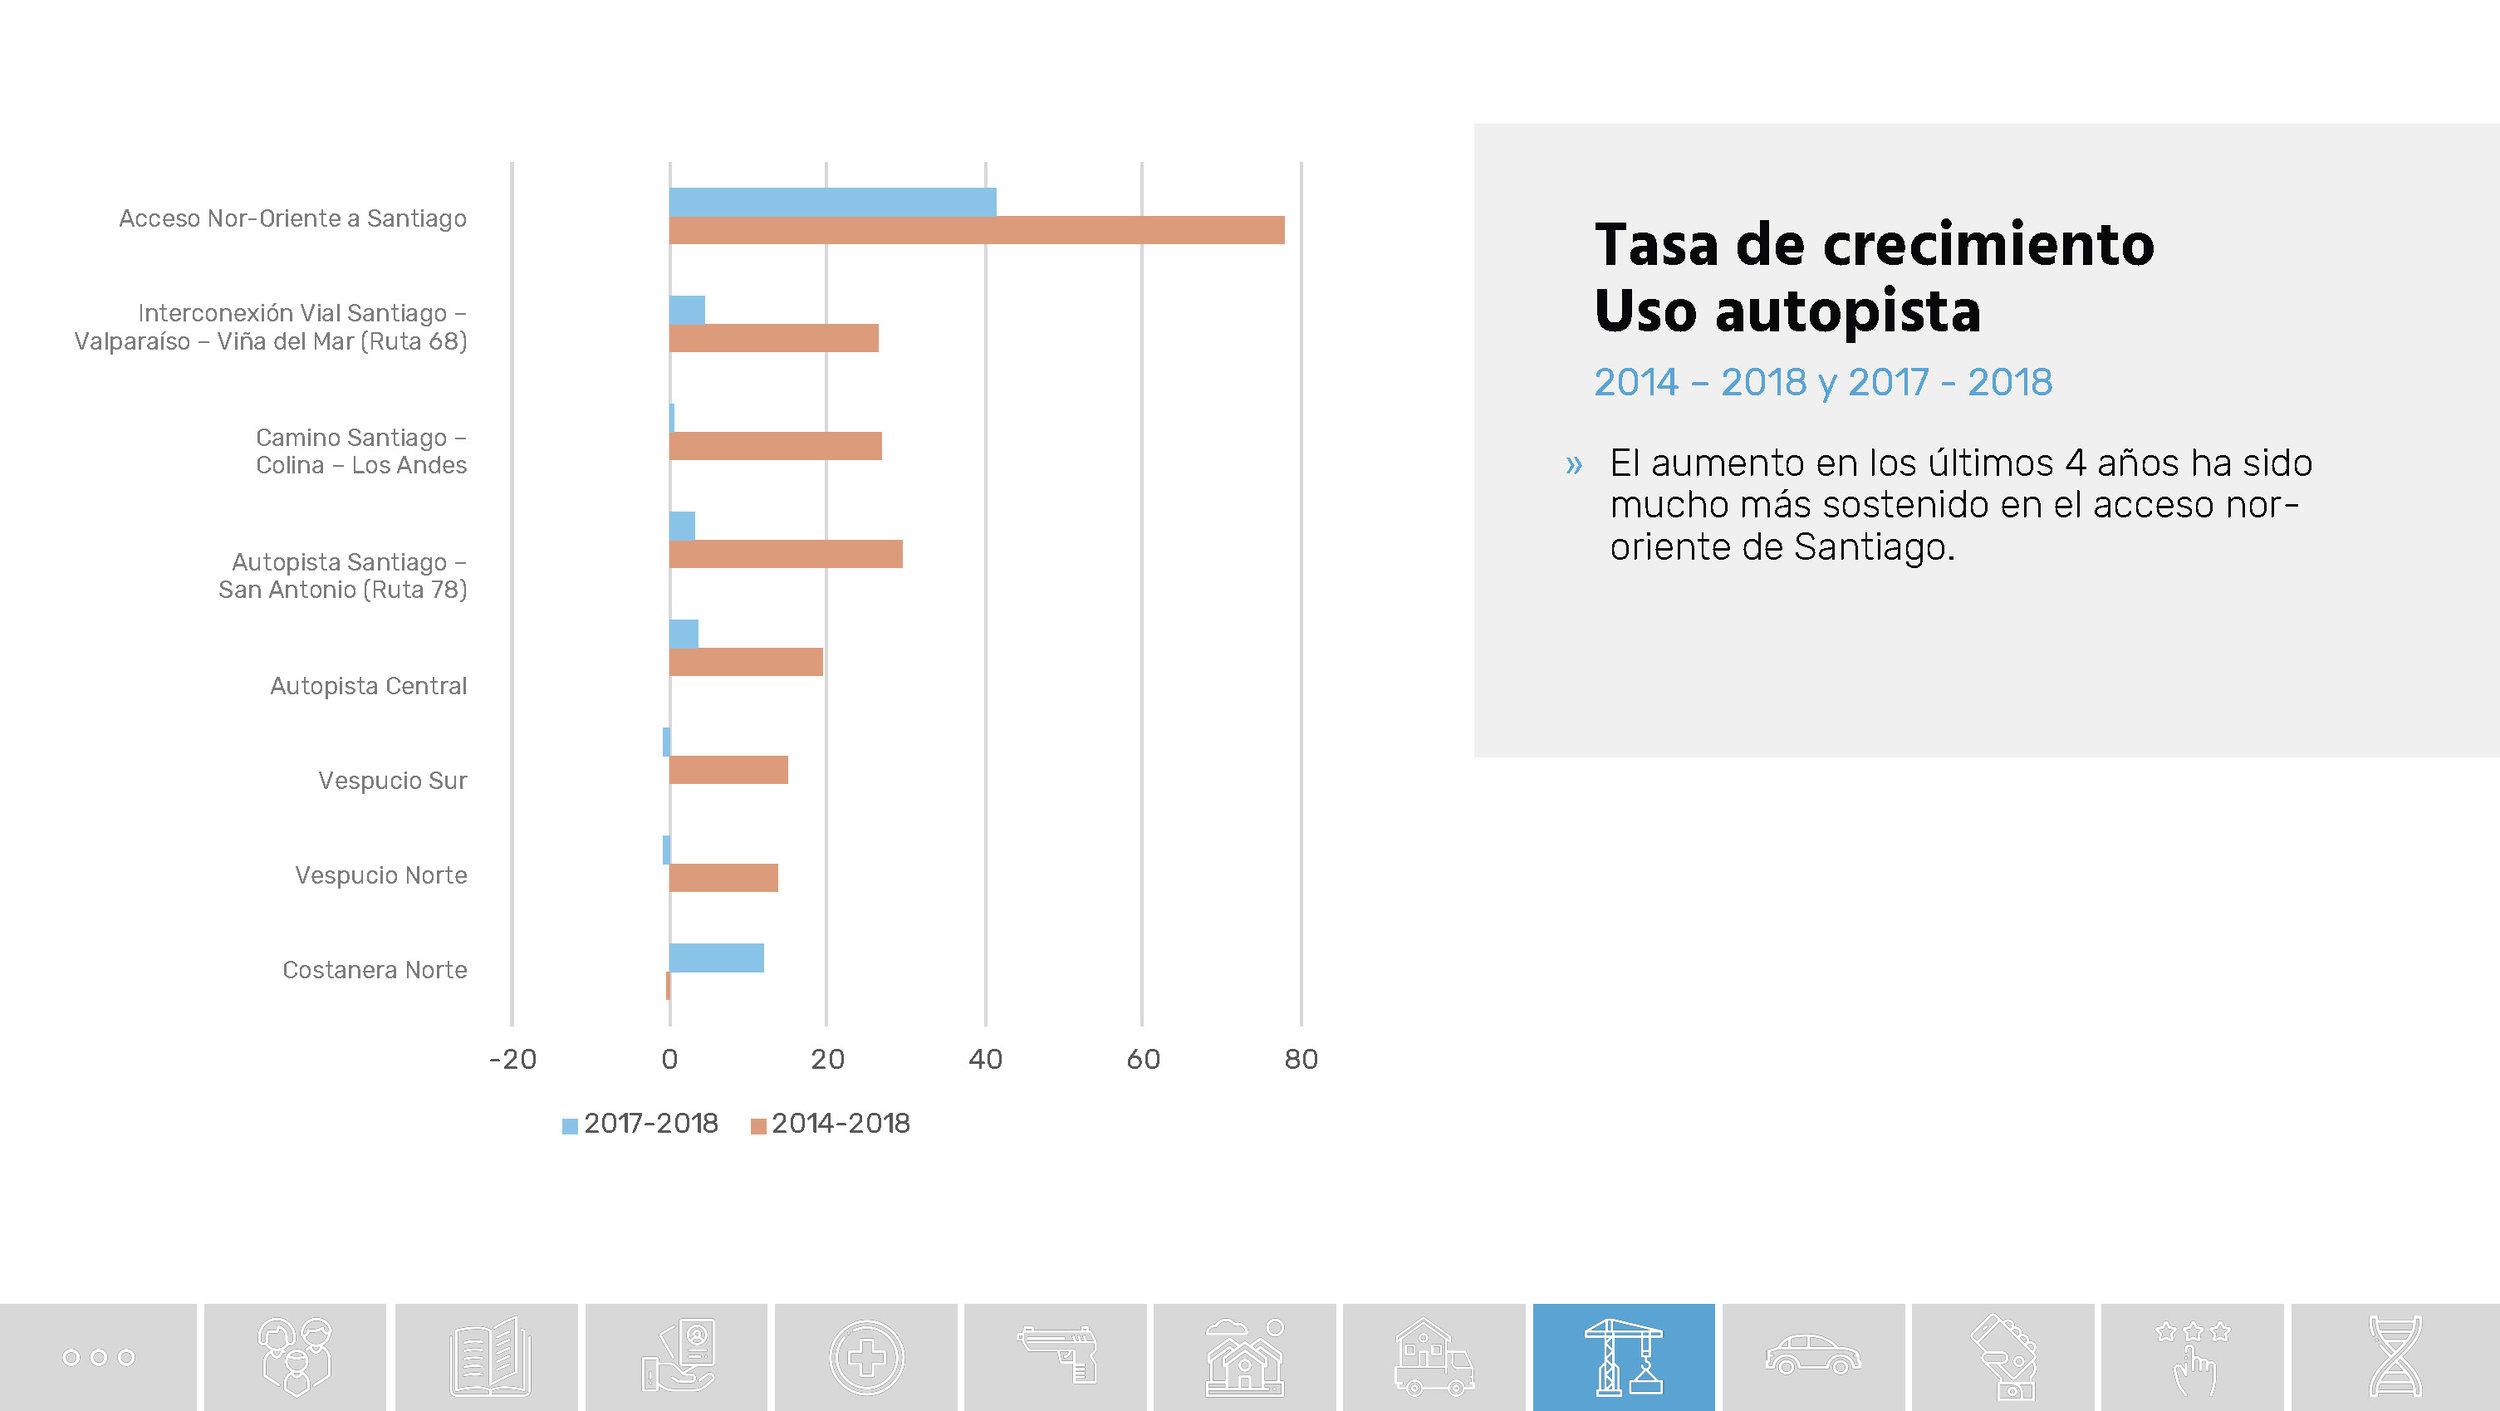 Chile_Datos de una transformacion social_Unholster_Página_58.jpg